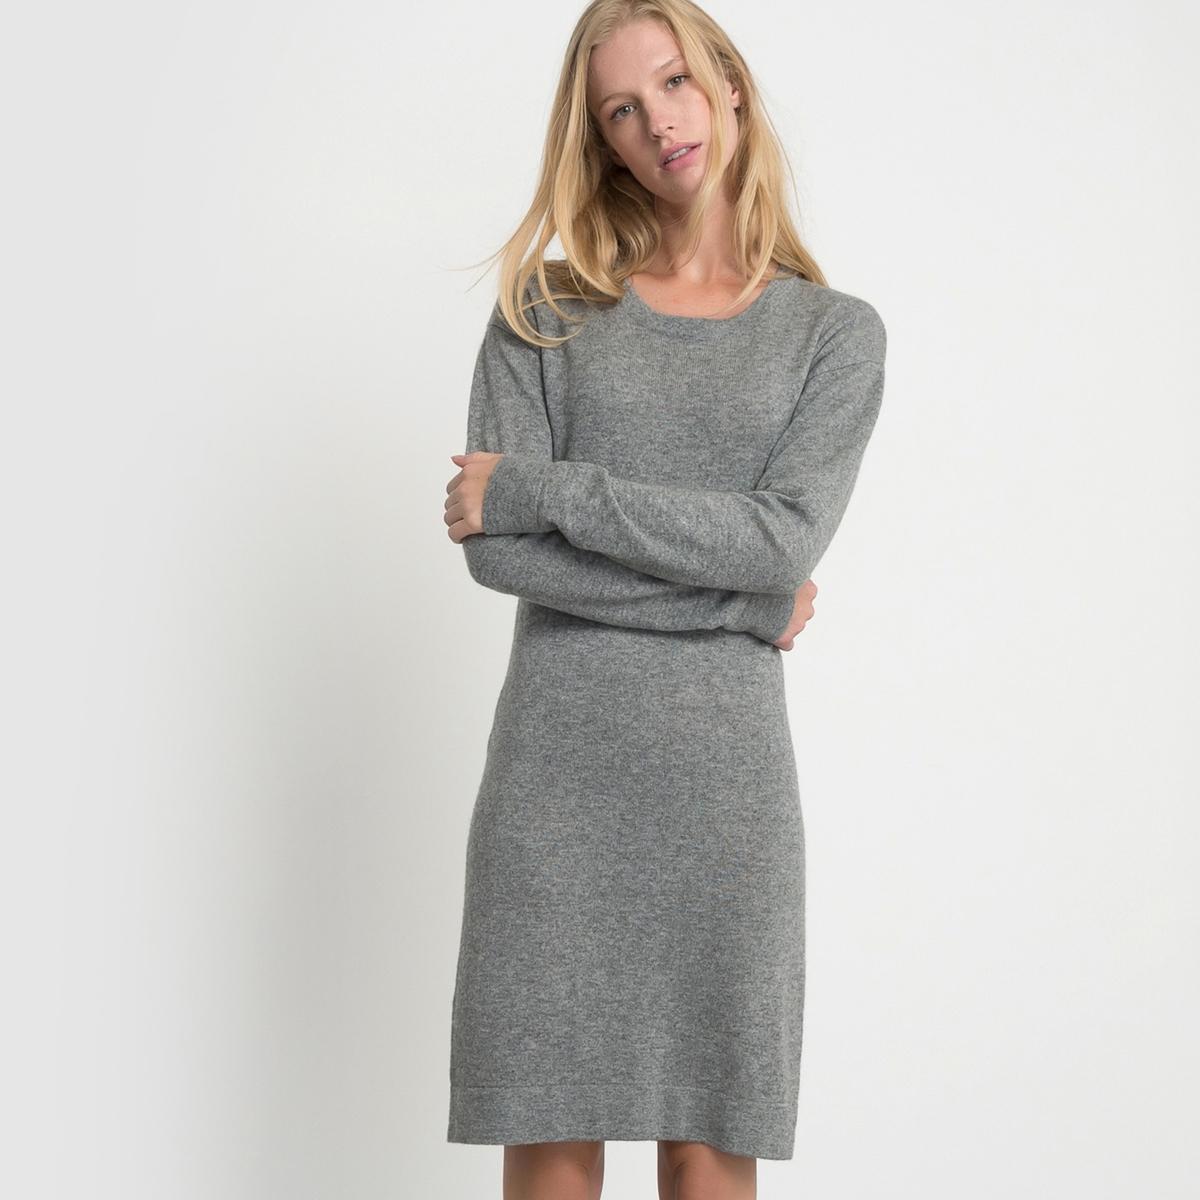 Платье-пуловер из 100% кашемираПлатье-пуловер из 100% кашемира. Прямой покрой. Круглый вырез. Приспущенные проймы. Длинные рукава. Состав и описаниеМатериал: 100% кашемирДлина: 95 смМарка: atelier RКАЧЕСТВО BEST УходРучная стиркаРасправить сразу же после стиркиСушить в расправленном виде.Гладить при умеренной температуре<br><br>Цвет: серый меланж